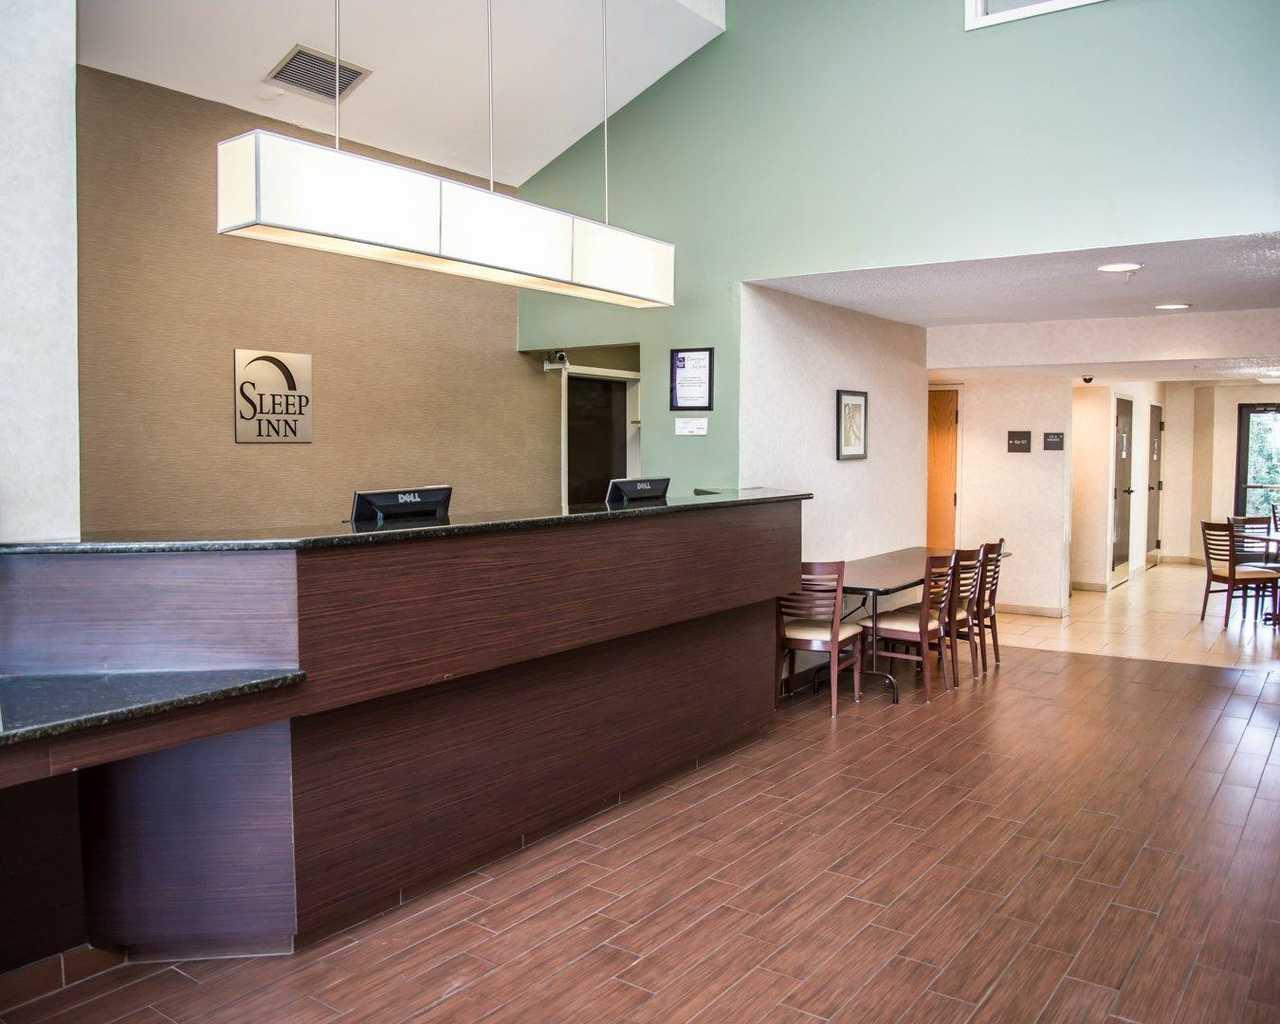 Sleep Inn University Place - Lobby-2